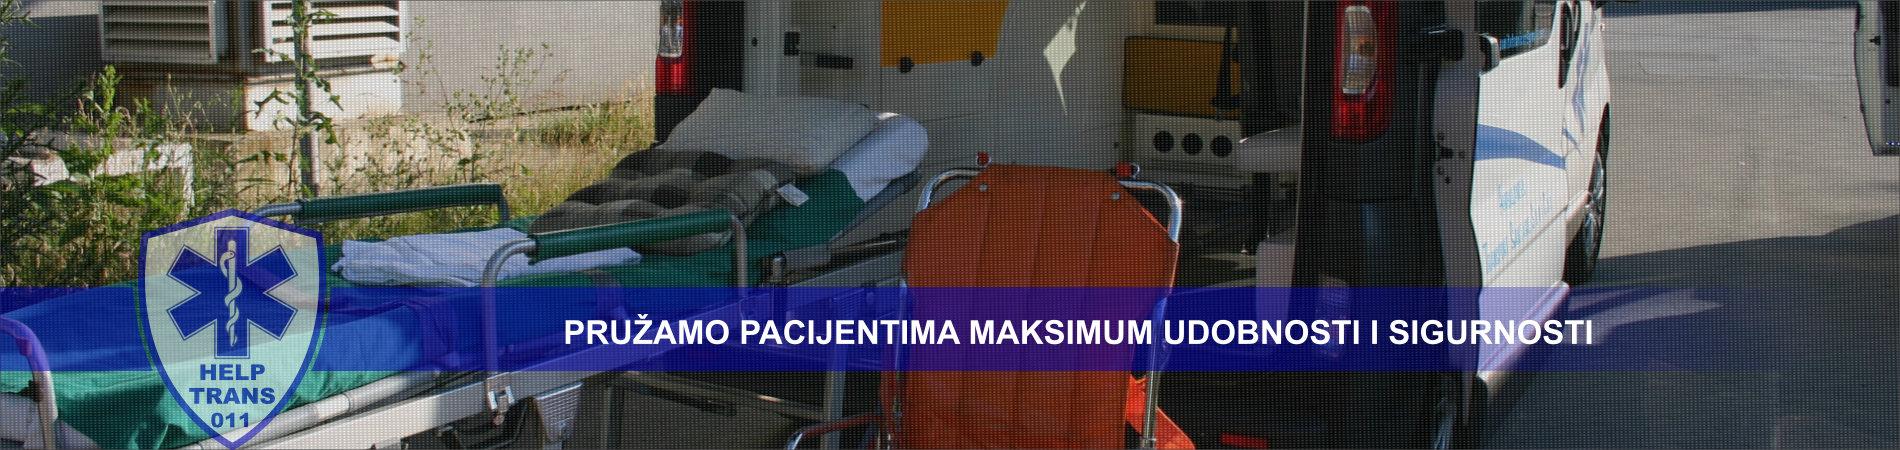 Pružamo pacijentima maksimum udobnosti i sigurnosti